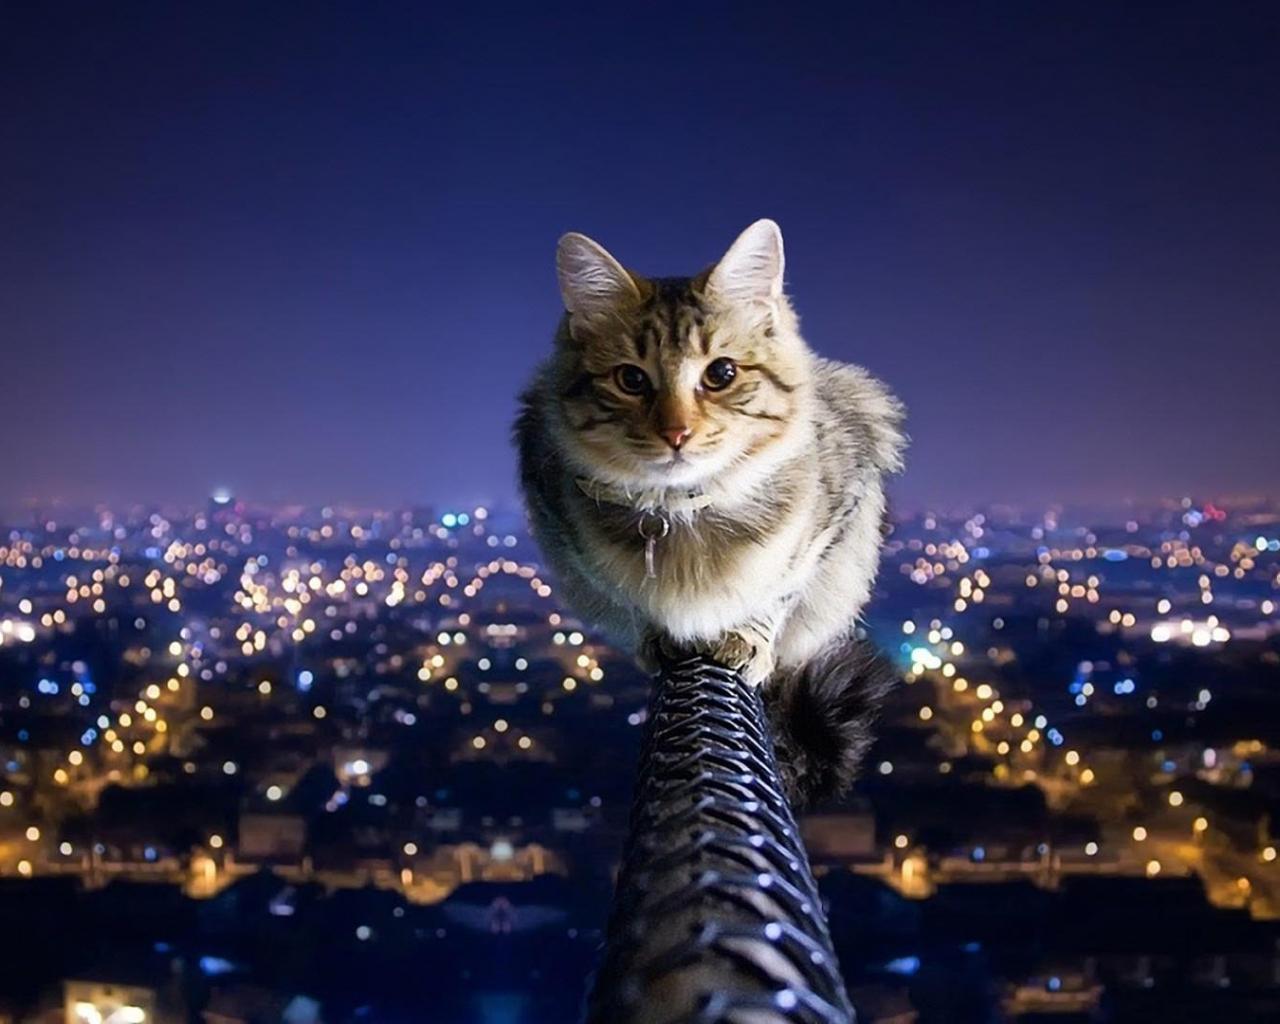 Free download Cat Animal Windows 10 Wallpaper 1080p ...